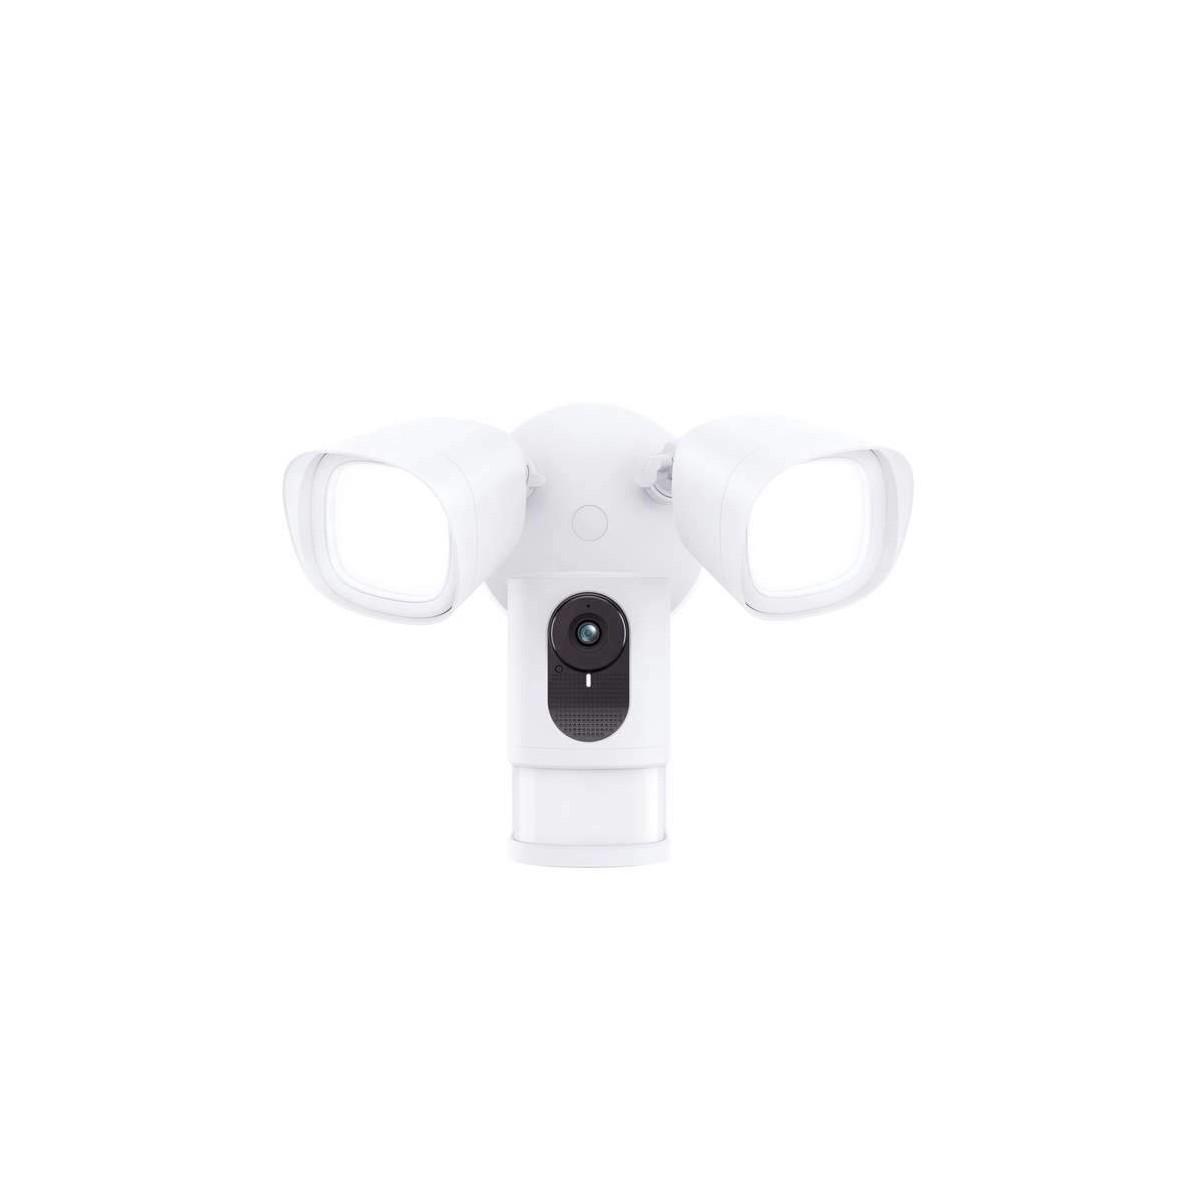 Zewnętrzna kamera bezpieczeństwa Floodlight Cam 2K